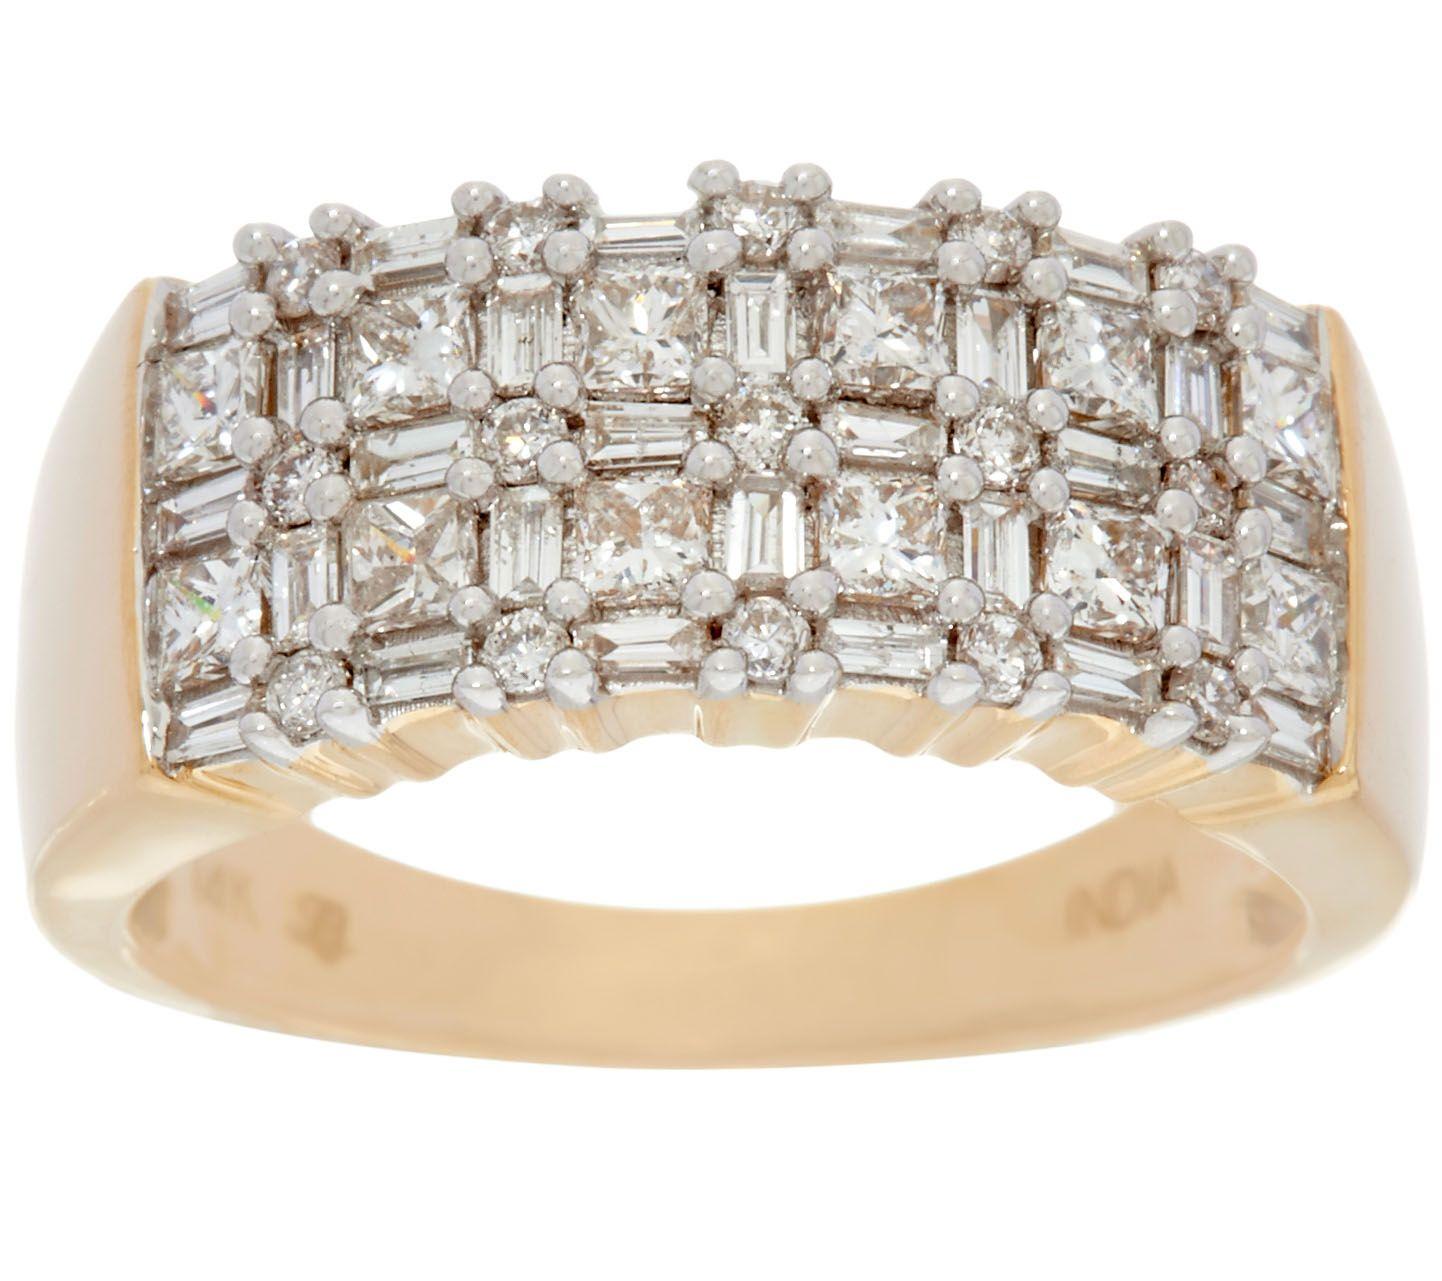 Affinity Diamond JewelryJewelry QVCcom